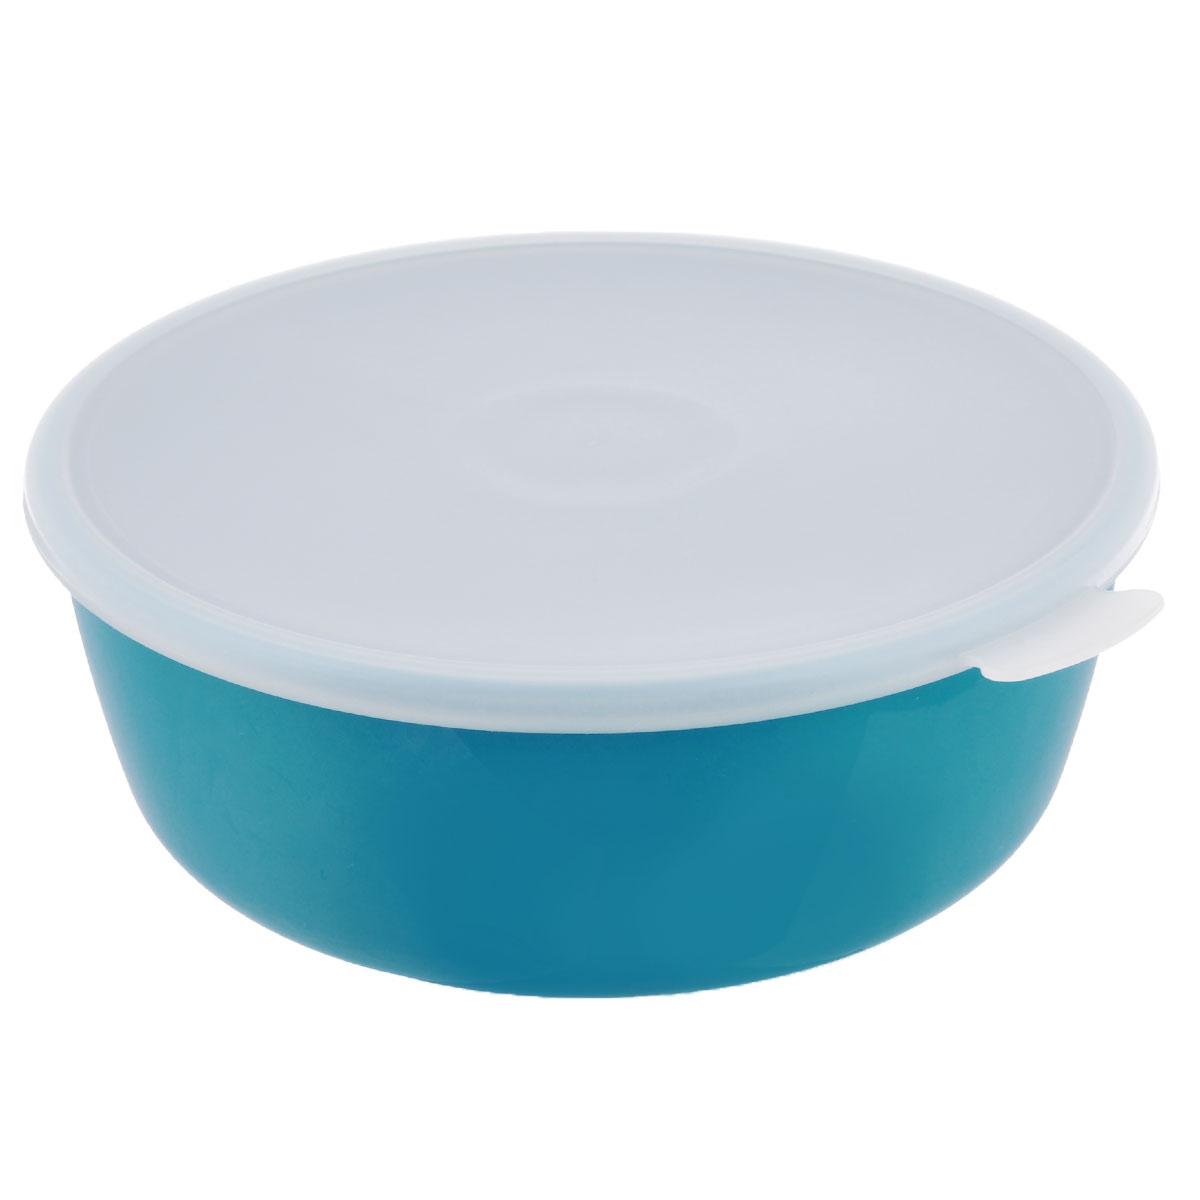 Миска Idea Прованс, с крышкой, цвет: бирюзовый, 2,5 лМ 1382Миска круглой формы Idea Прованс изготовлена из высококачественного пищевого пластика. Изделие очень функциональное, оно пригодится на кухне для самых разнообразных нужд: в качестве салатника, миски, тарелки. Герметичная крышка обеспечивает продуктам долгий срок хранения. Диаметр миски: 22,5 см. Высота миски: 8,5 см.